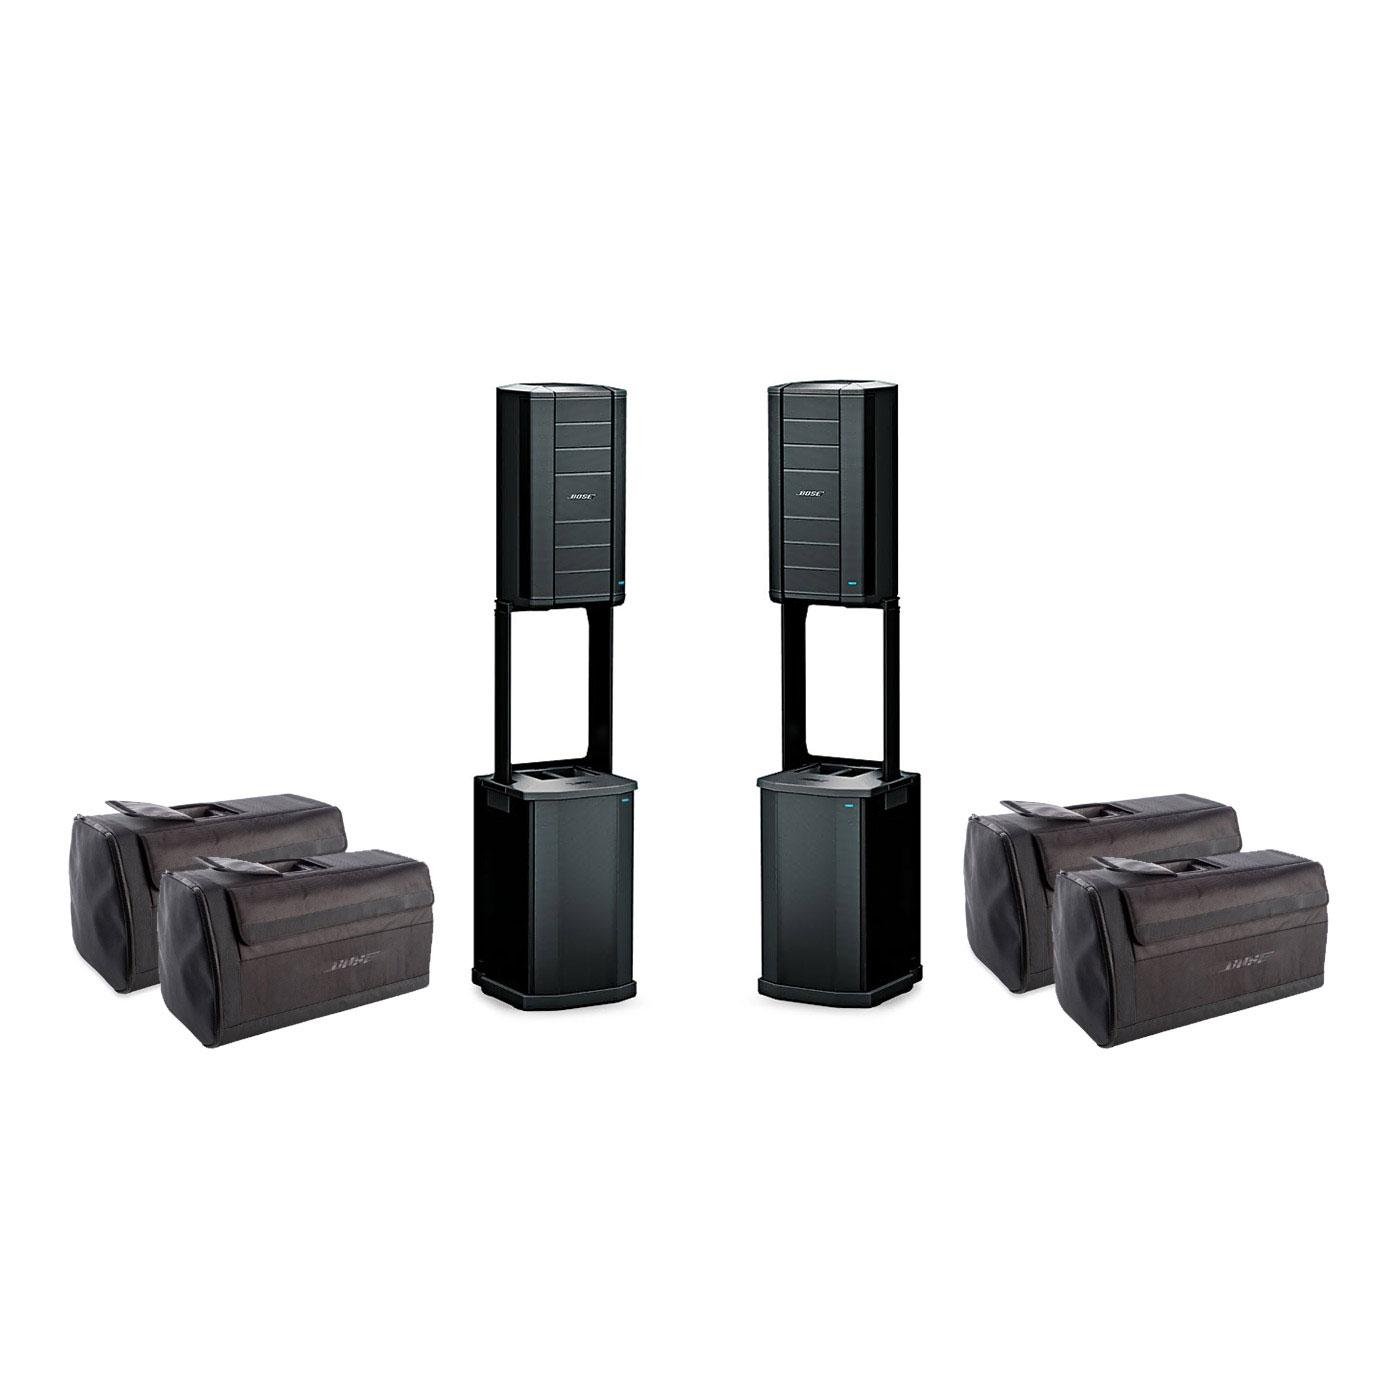 bose b2 caisson de basse pour l1s sono enceintes sono achat en ligne free. Black Bedroom Furniture Sets. Home Design Ideas